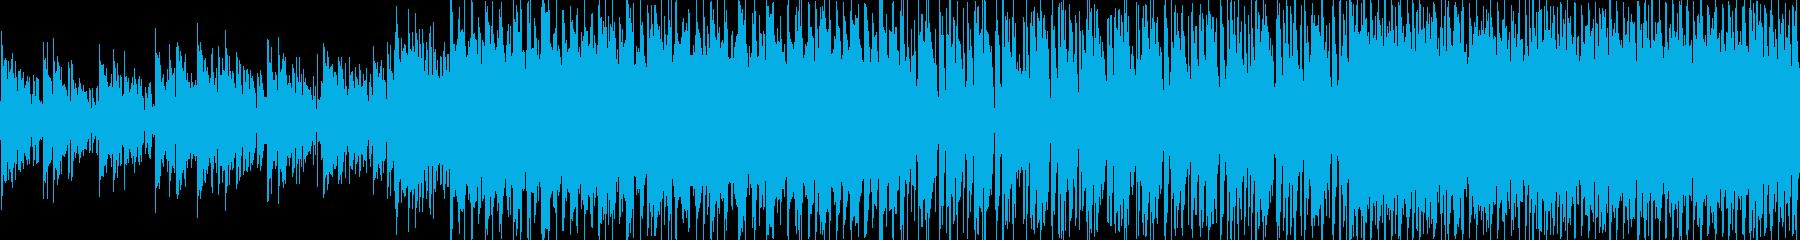 ループ曲です。騒がしいパーカッションの…の再生済みの波形